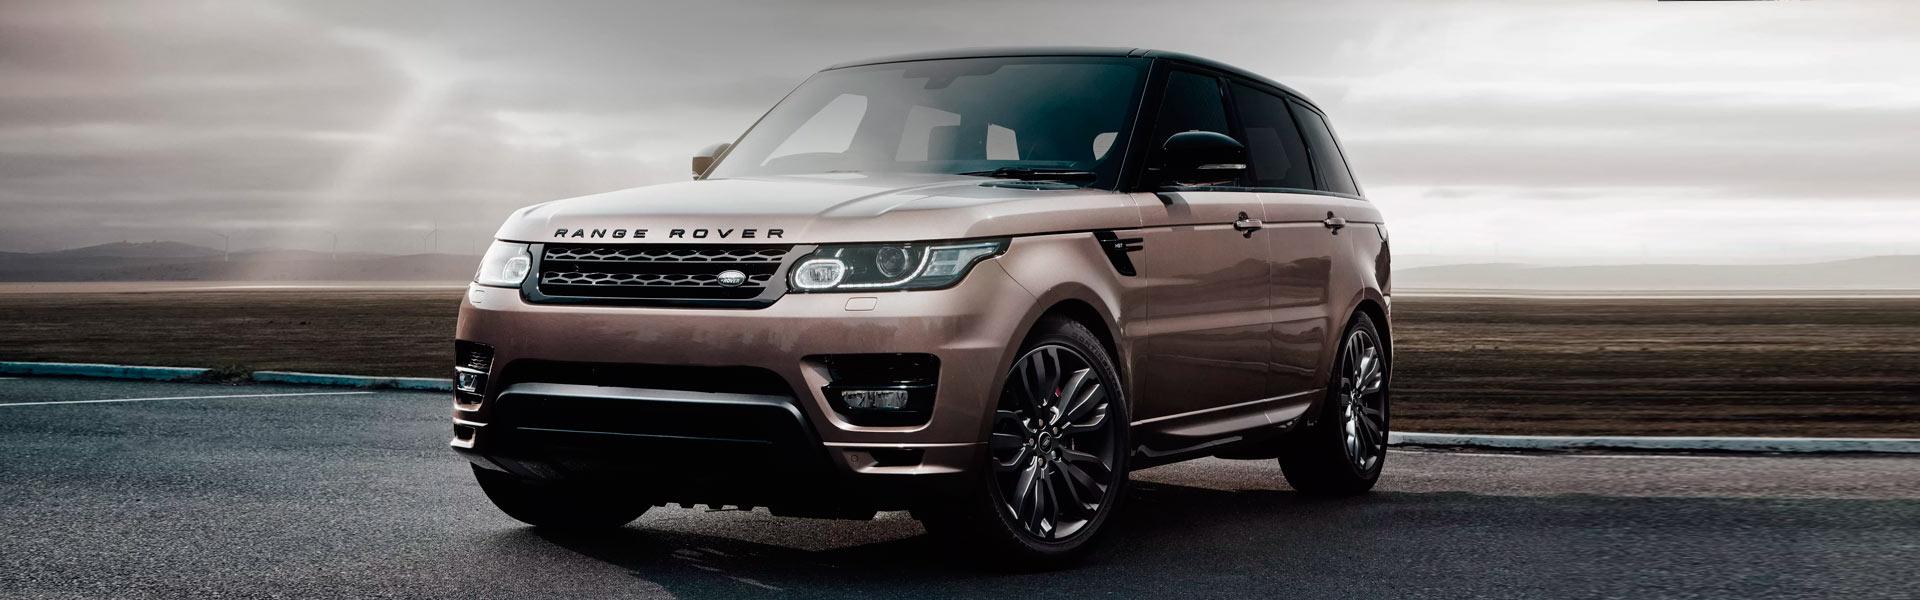 Тормозные диски на Land Rover Range Rover